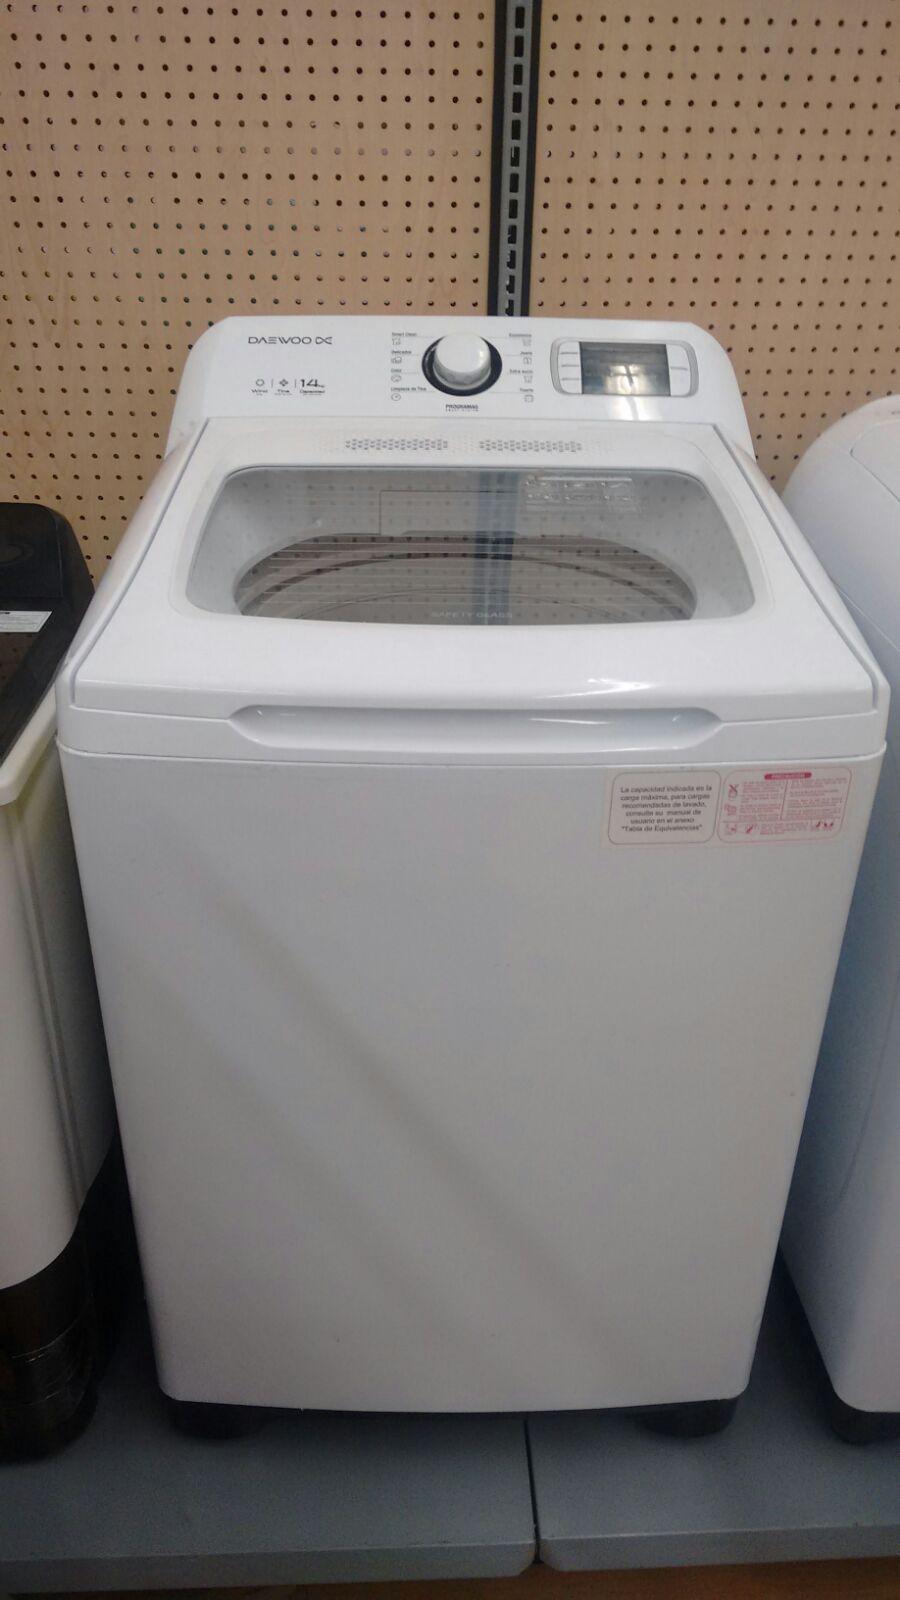 Walmart Paseo Real: lavadora daewoo 14k $1,574.03